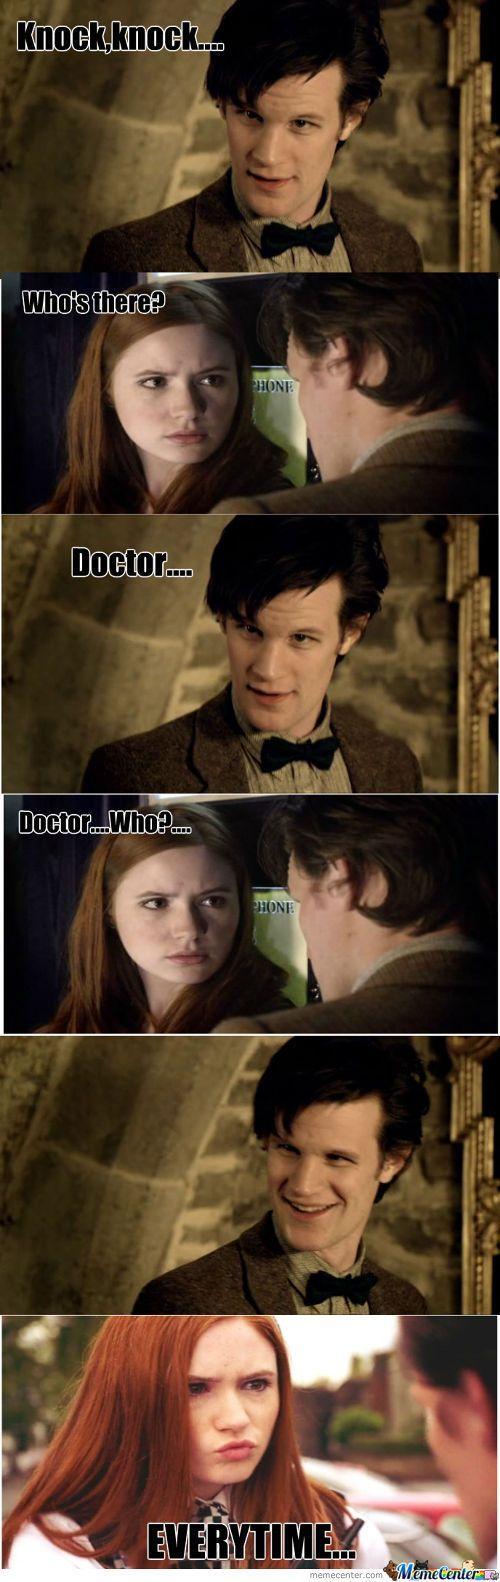 """Ehehehehehe... Doctor Who knock knock joke.... """"Everytime!"""""""